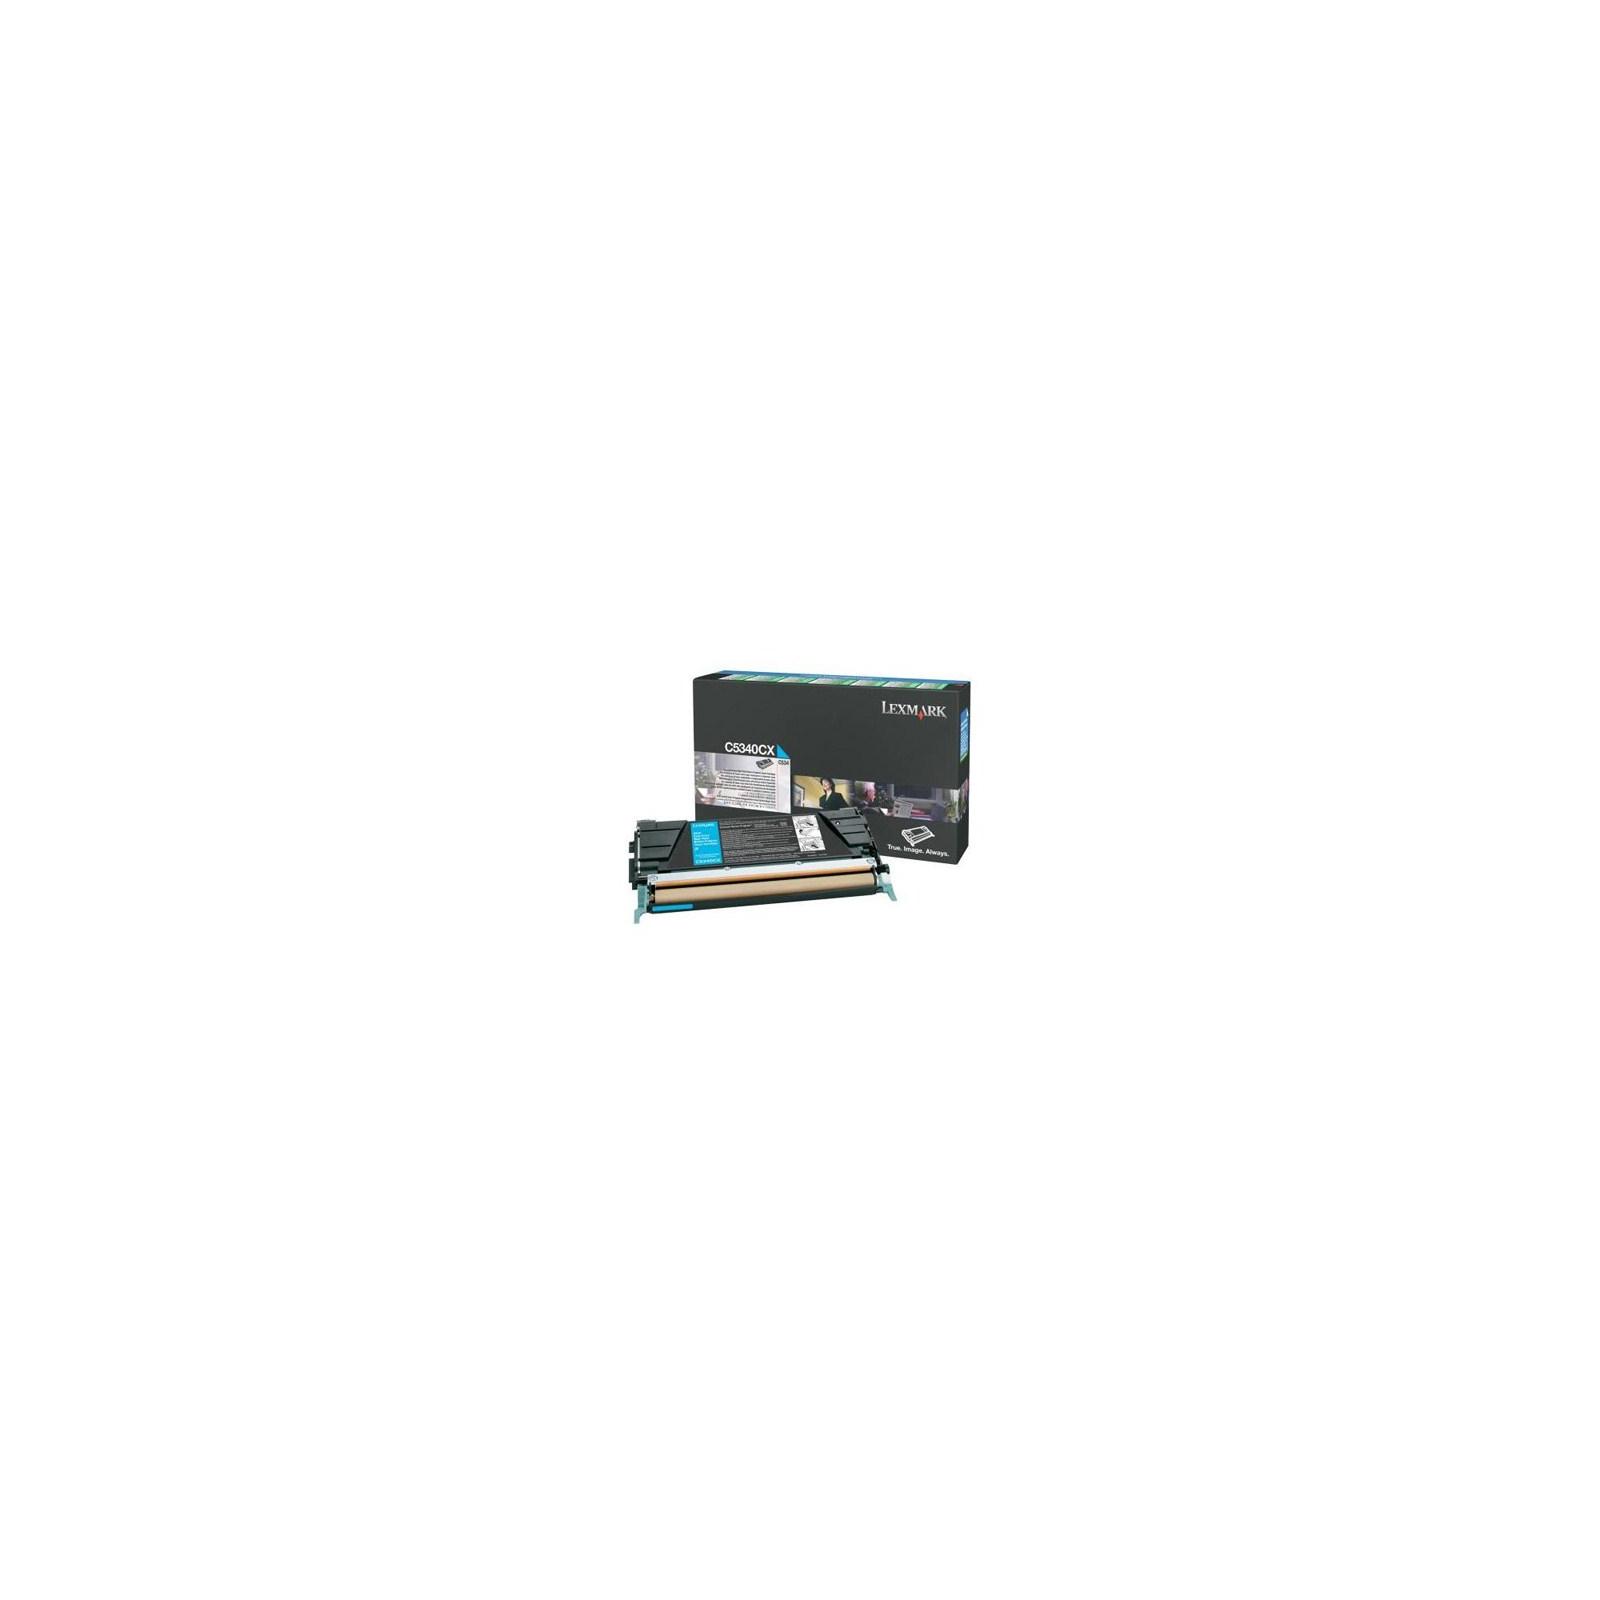 Картридж LEXMARK C534 Cyan 7k (C5340CX)